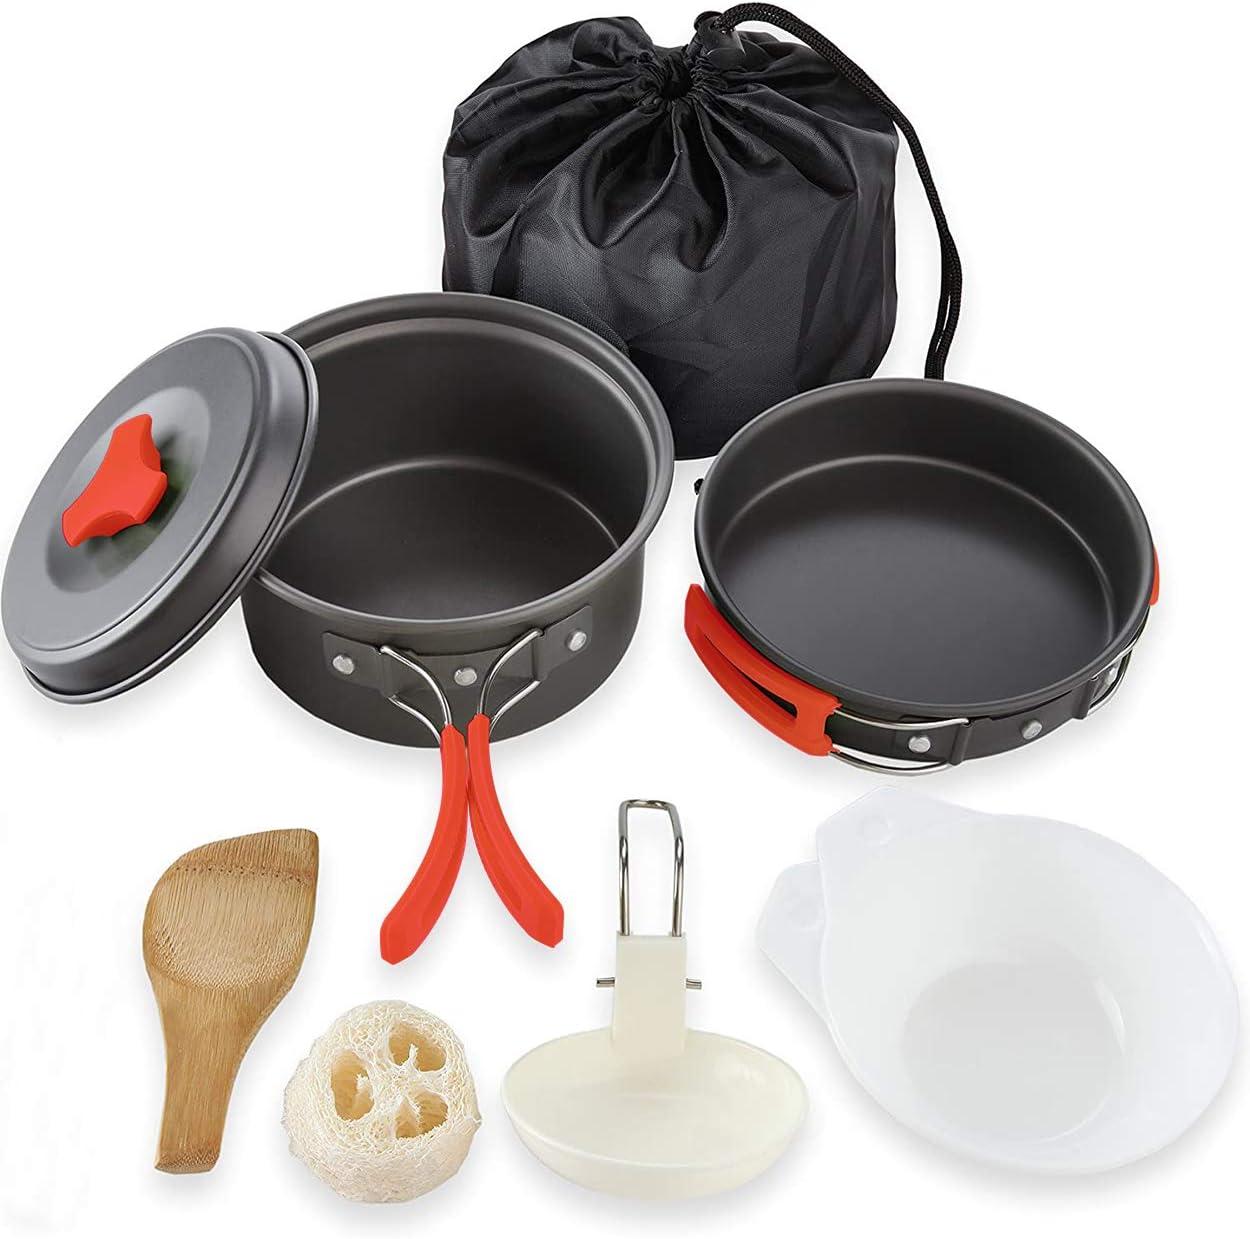 Ahsado Utensilios Cocina Camping Kit con Estufa Trekking, Ollas Camping y Sartén, Cubiertos Plegable - Cacerolas de Acampada de Camping y Viaje